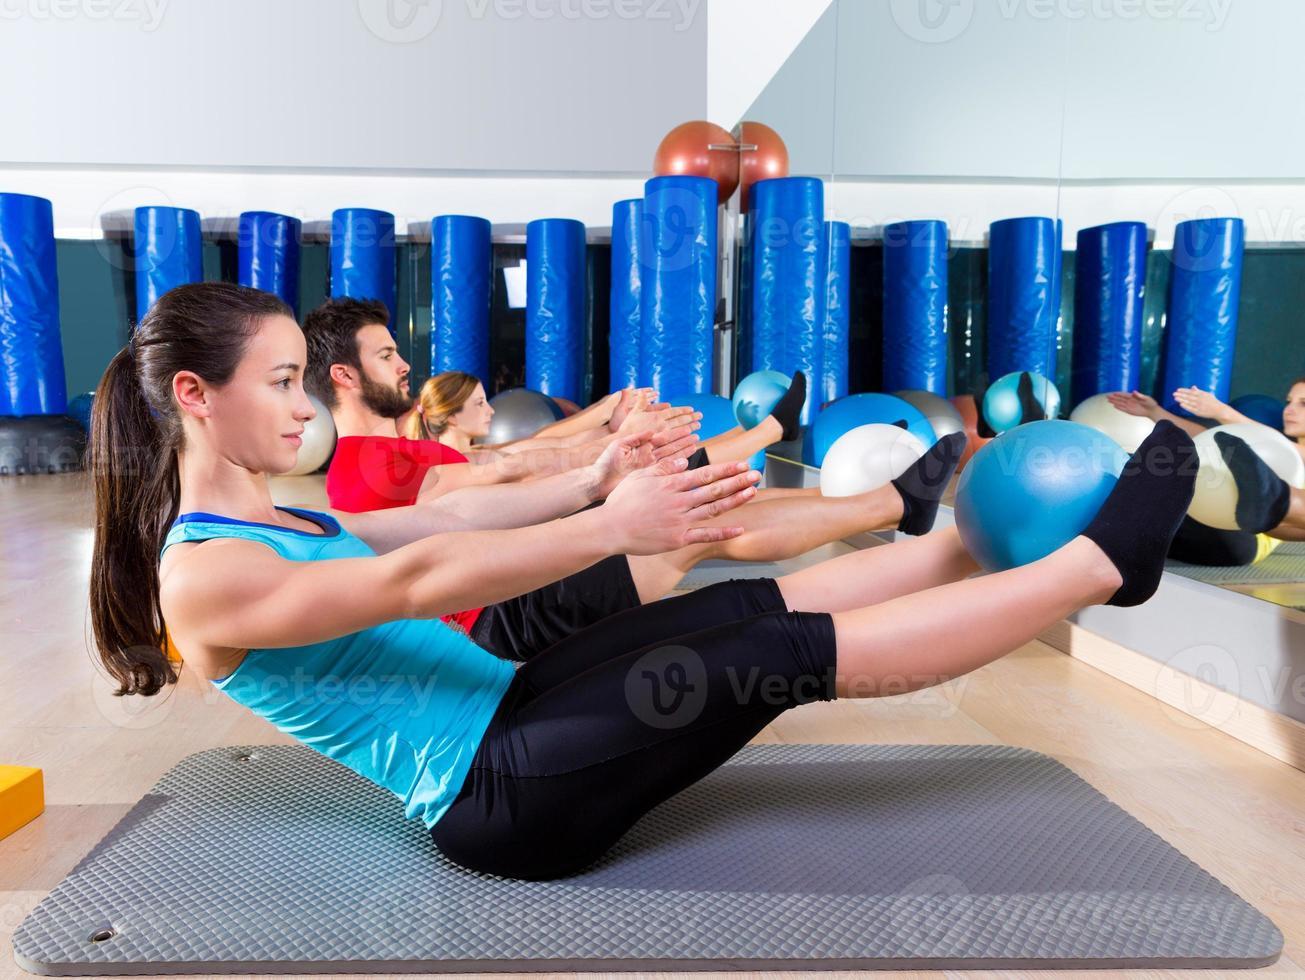 Softbol de Pilates el ejercicio grupal teaser en el gimnasio foto